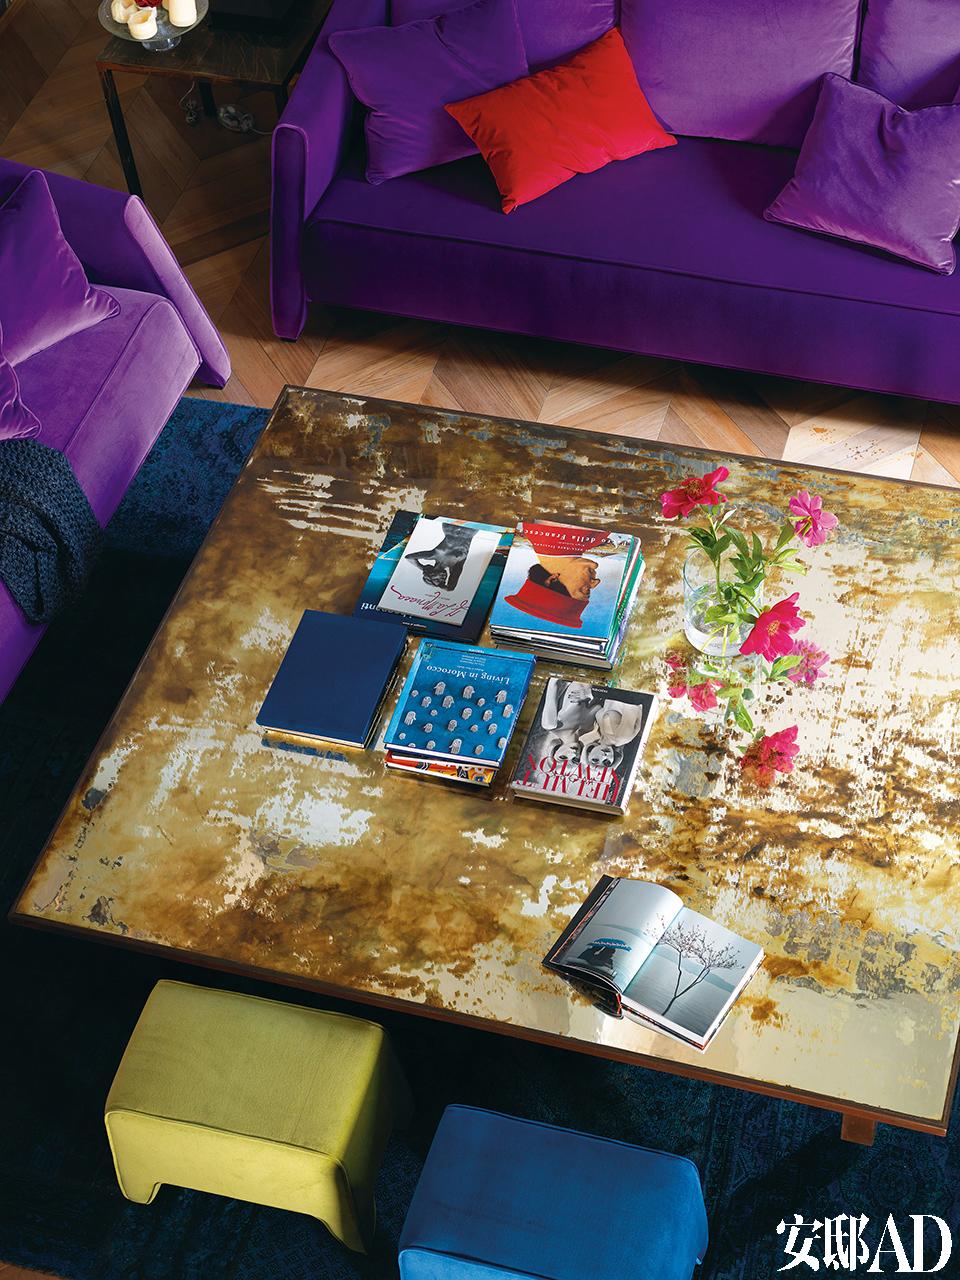 客厅中拥有光滑树脂桌面的Deserto茶几出自意大利艺术设计师Angela Ardisson之手。Angela现居米兰,创办了设计工作室Artplayfactory Design,主人夫妇委托她为这间公寓量身定制了不少别致的雕塑感家具。一蓝一黄两把坐凳购自意大利卢加诺的Kasia。